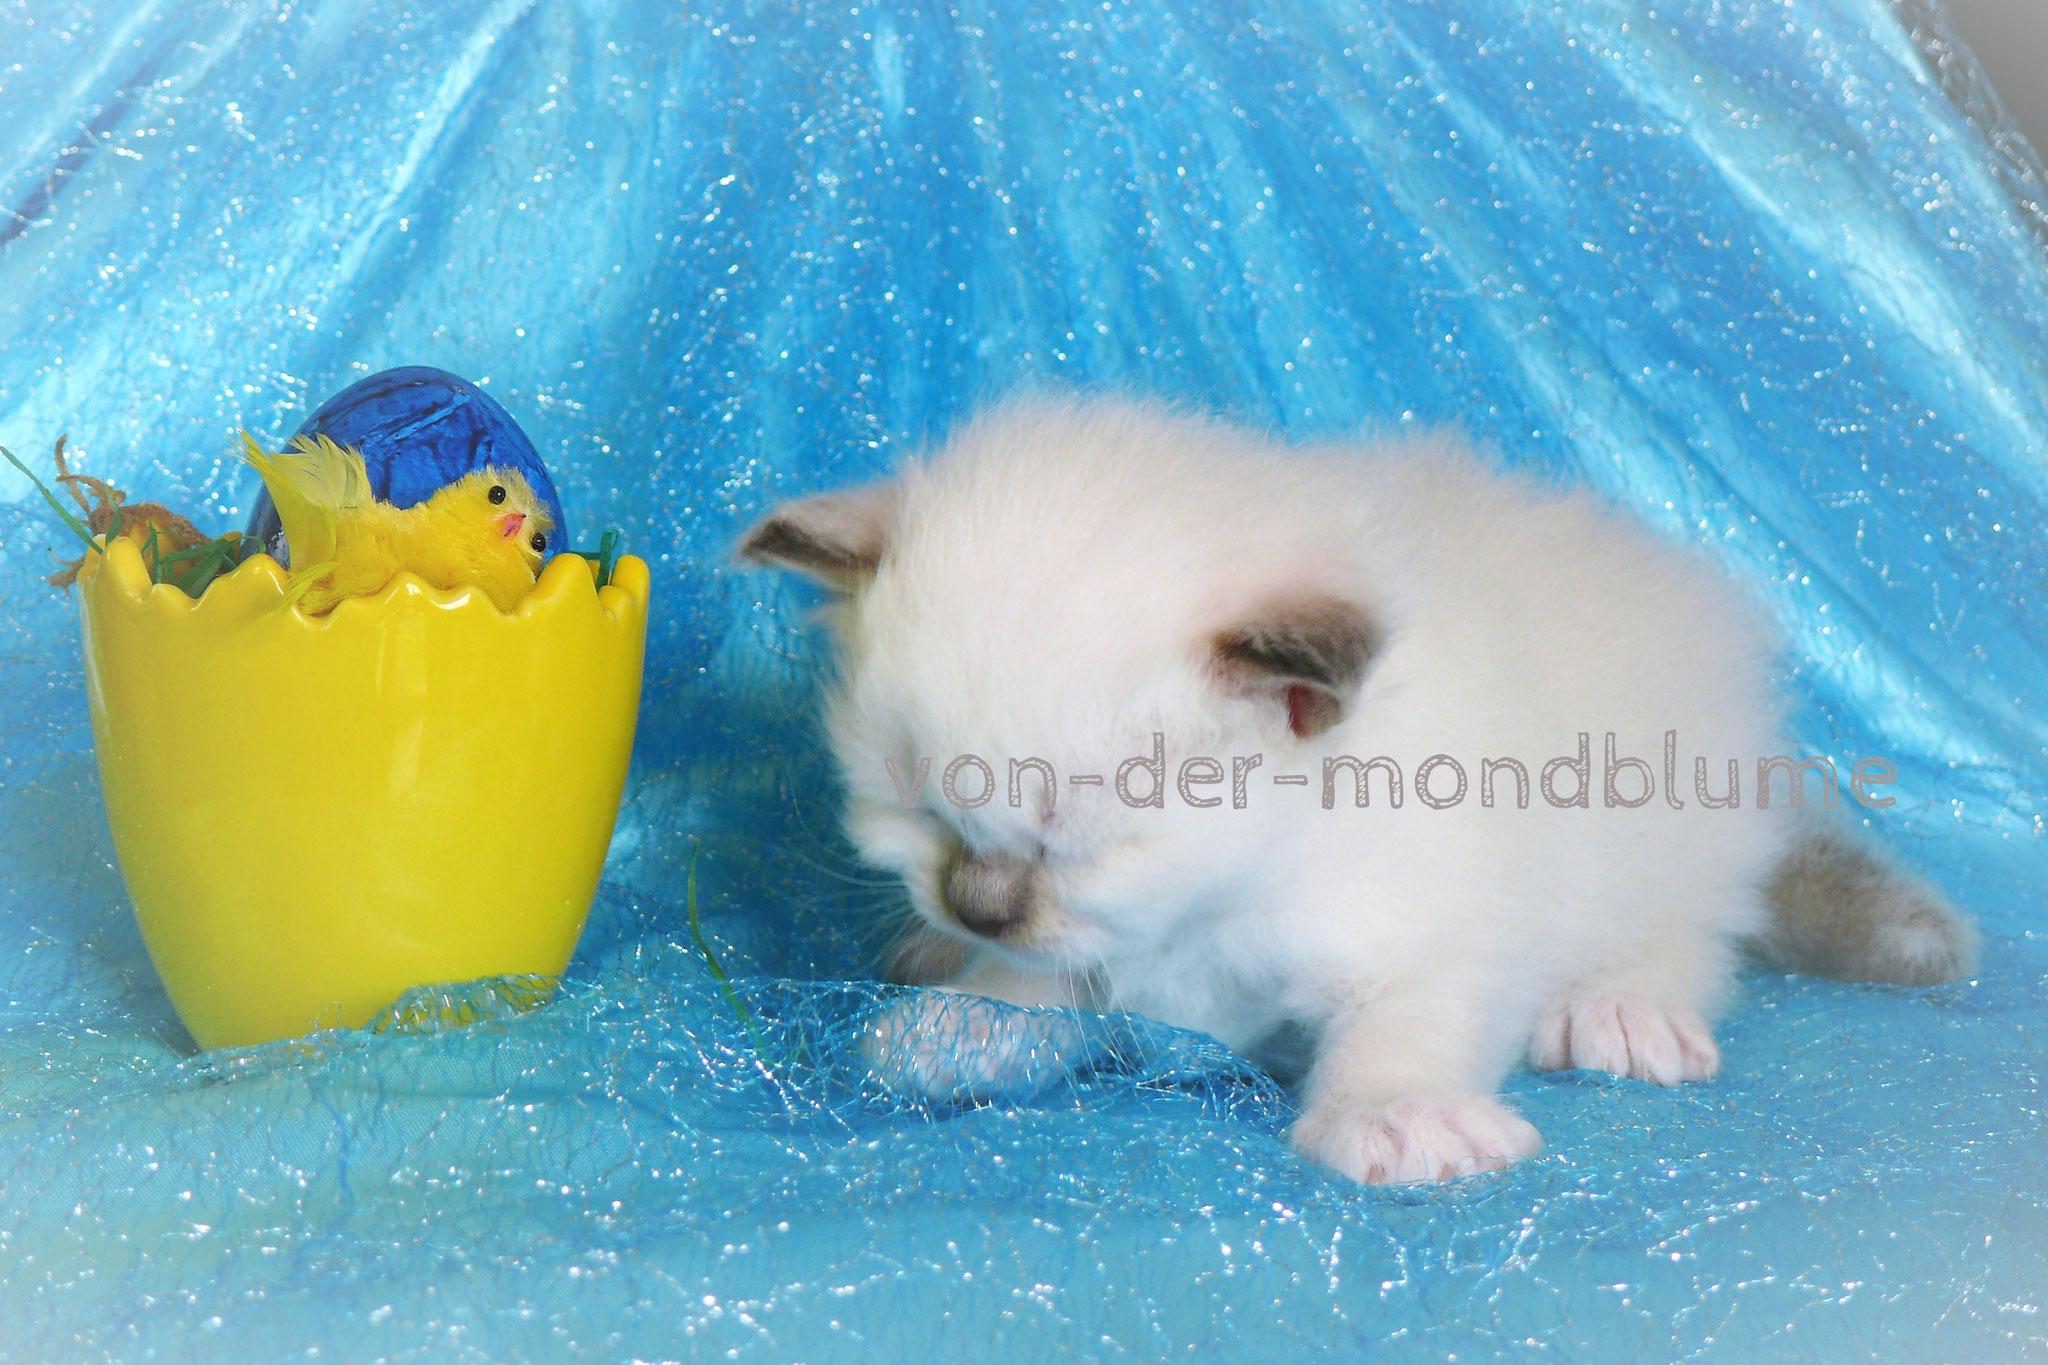 Chérie von der Mondblume, 3 Wochen alt, 355 g